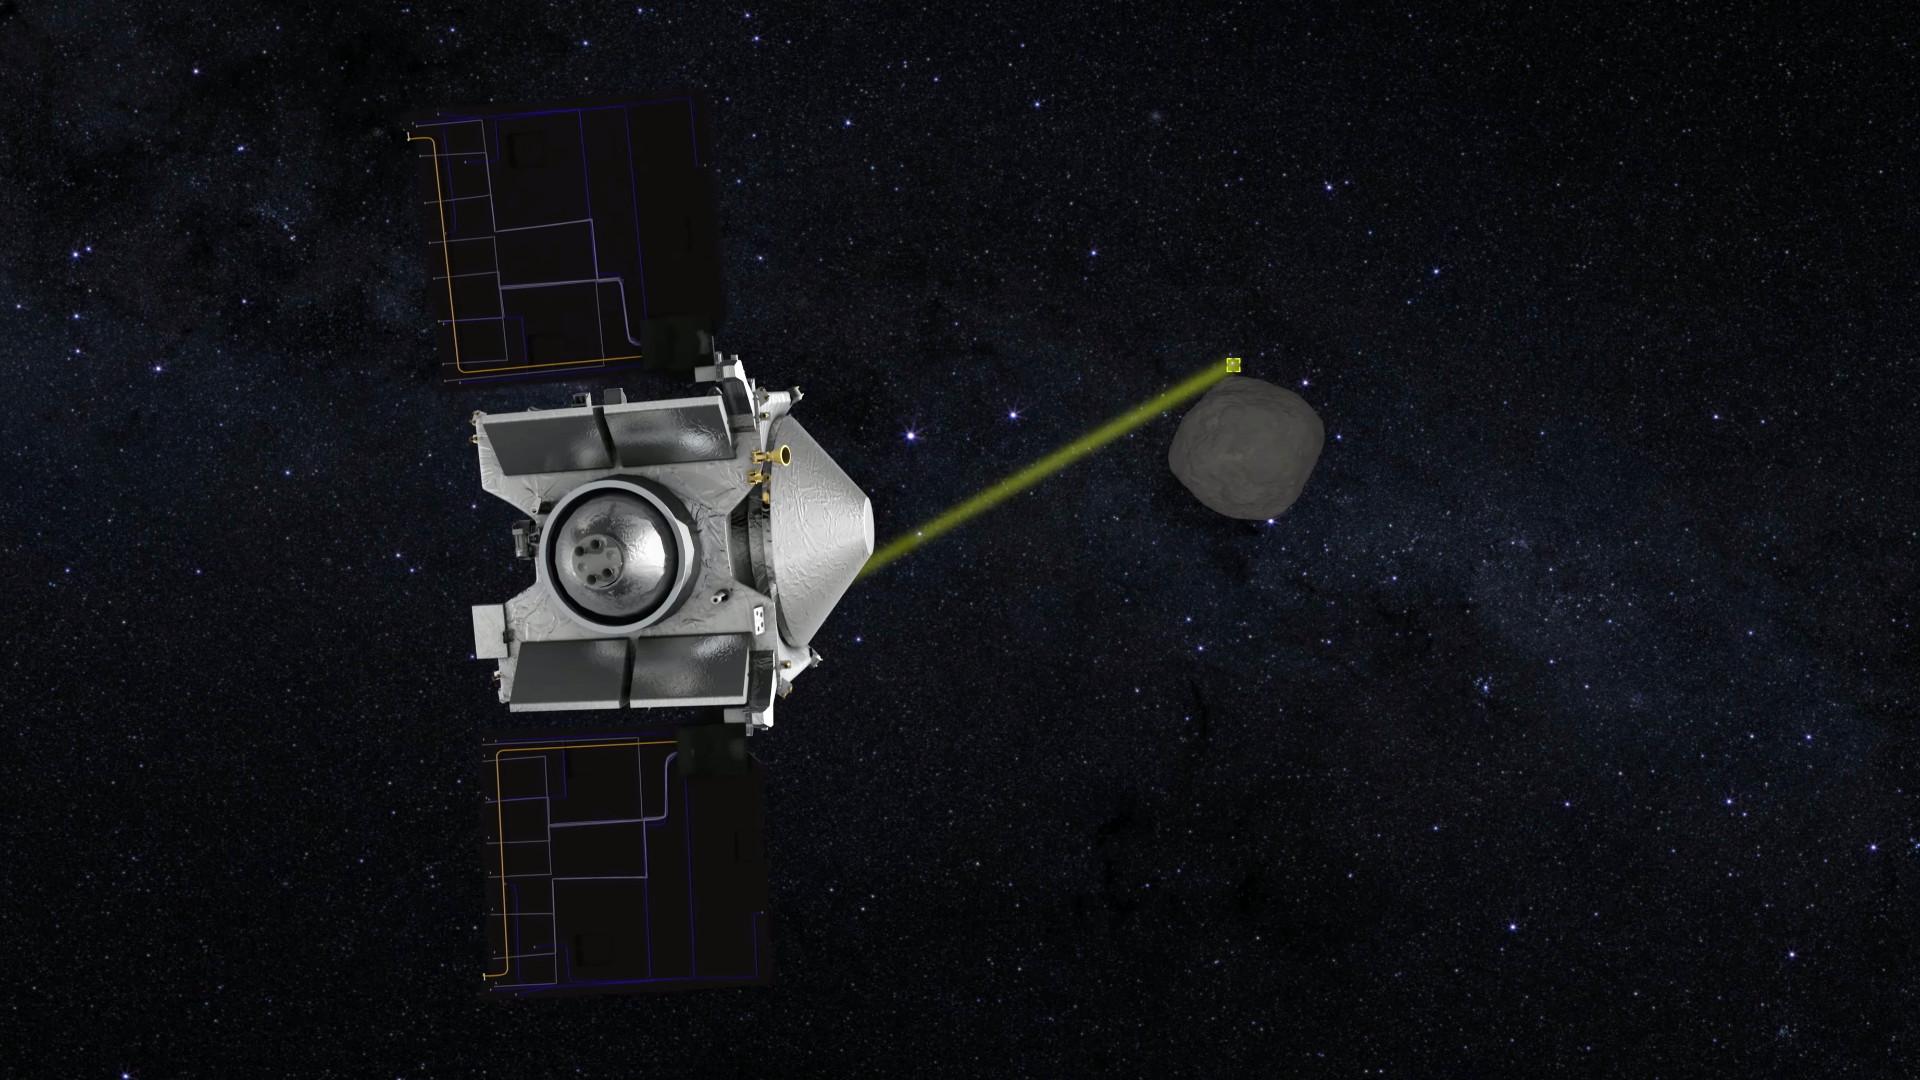 OSIRIS-REx repart vers la Terre avec son précieux échantillon de l'astéroïde Bennu